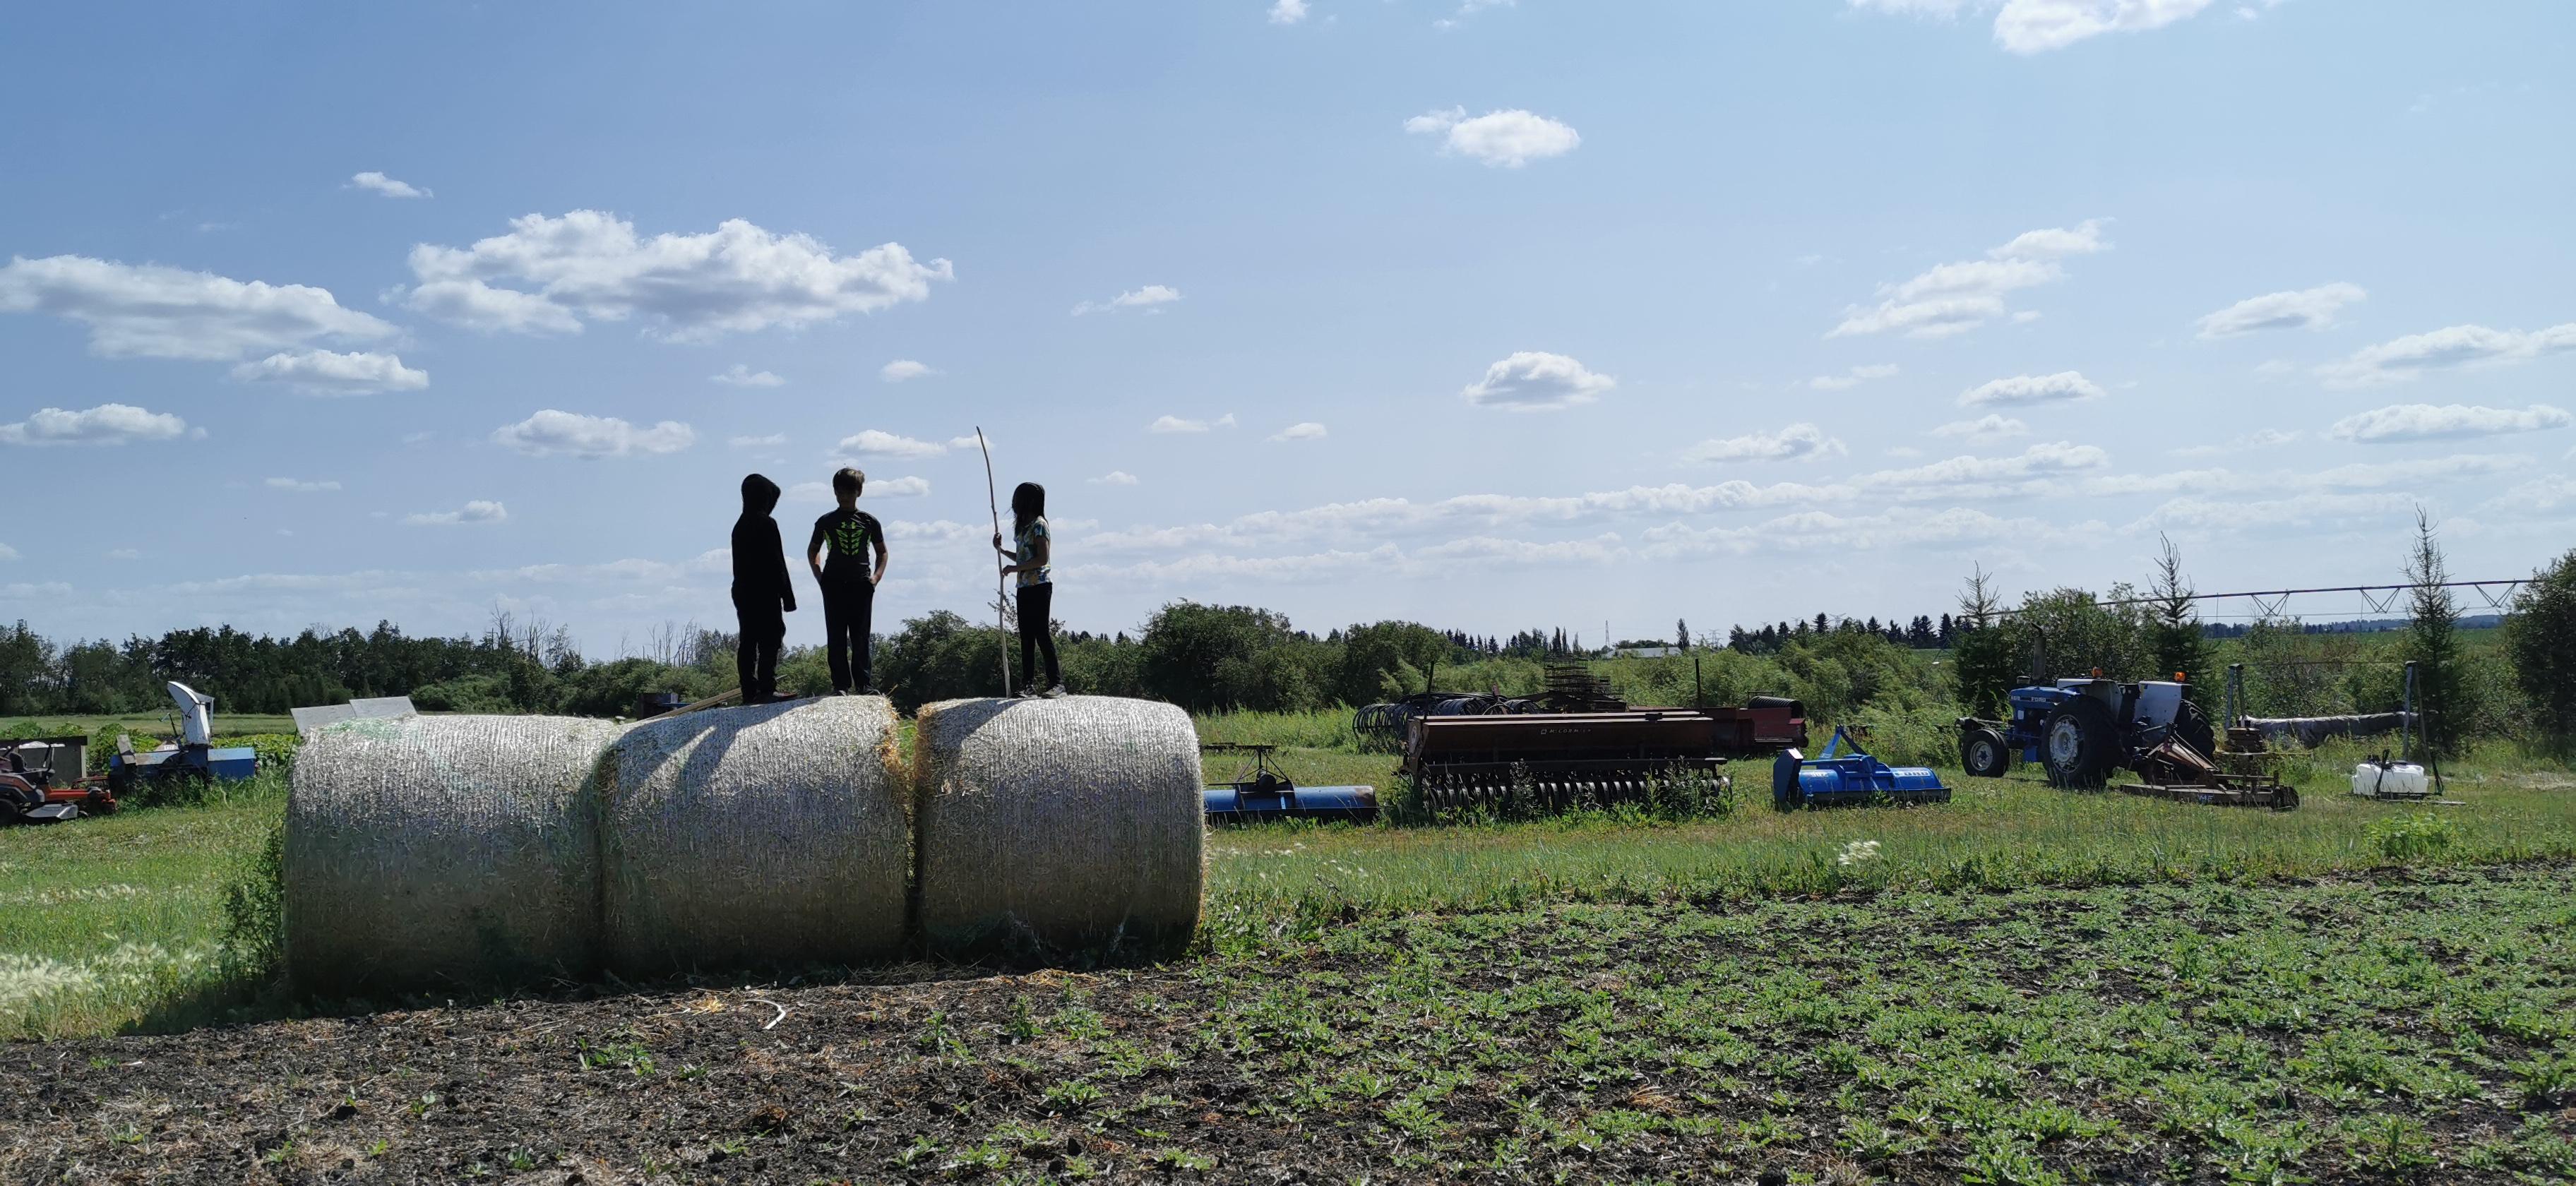 Farm Happenings for Week 2 of 12